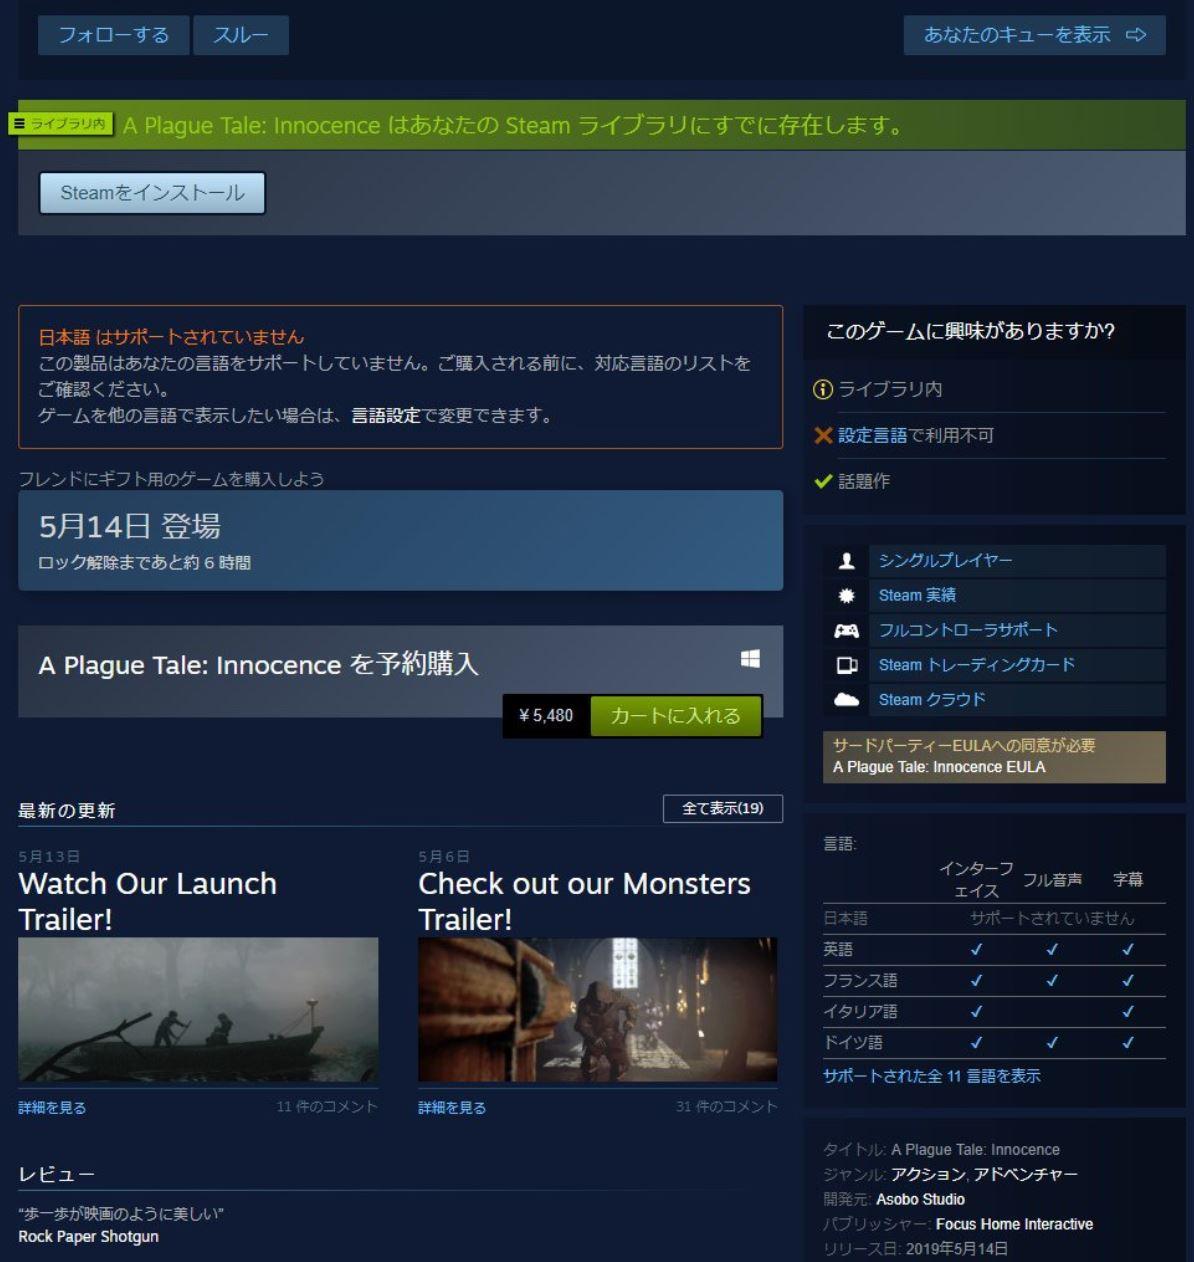 3 18 - Steam版ねずみ5000匹 日本語対応として予約を受け付けながらも発売直前に日本語削除で非難の嵐 一体どこからの圧力なのか?